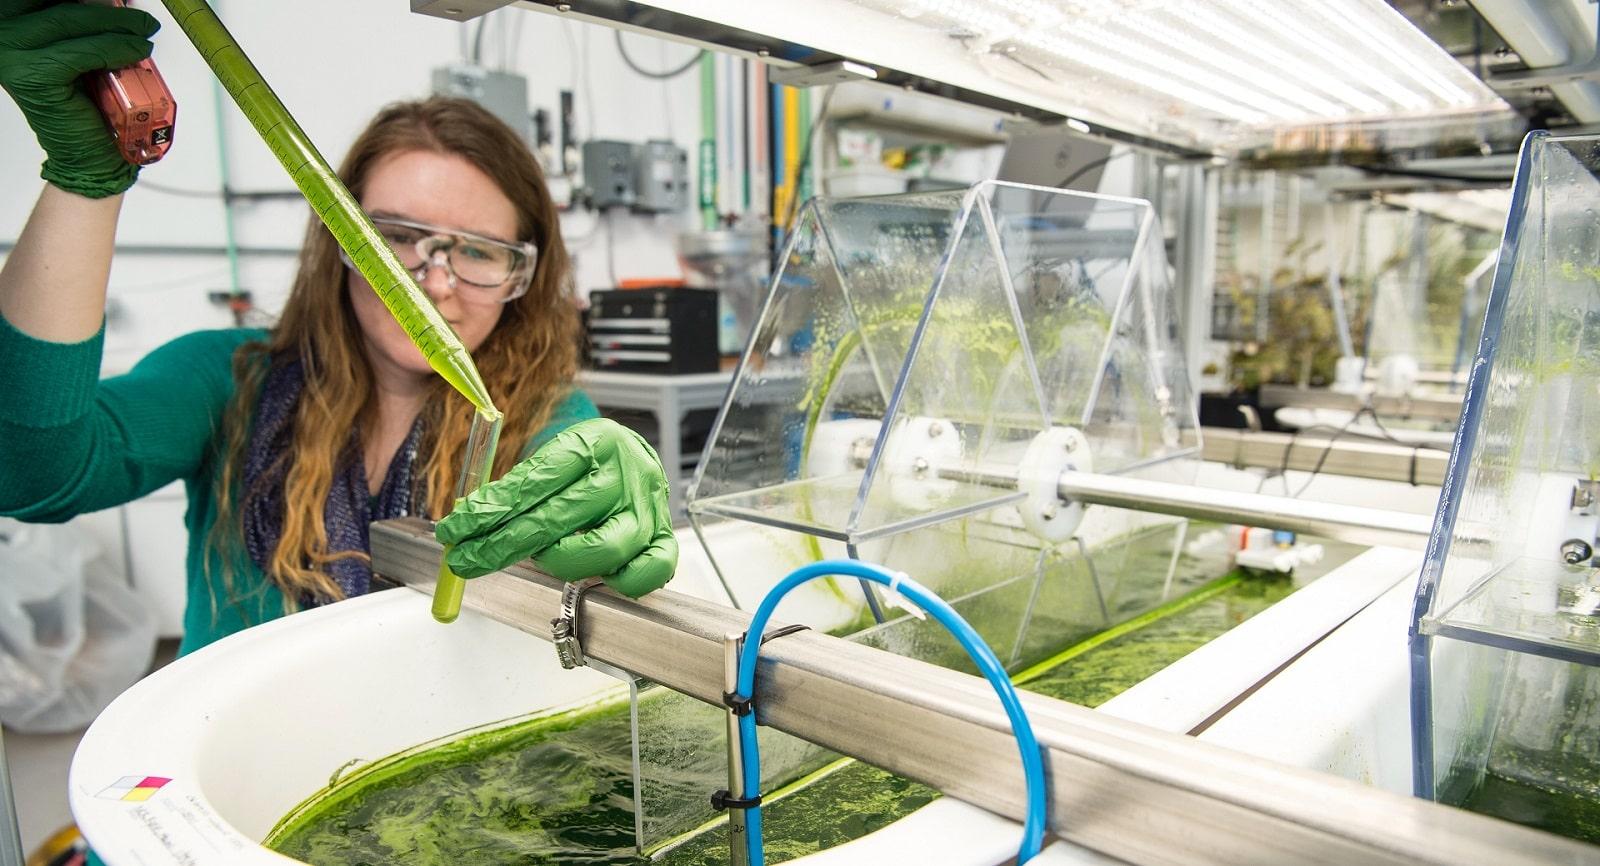 Producing algae in labs